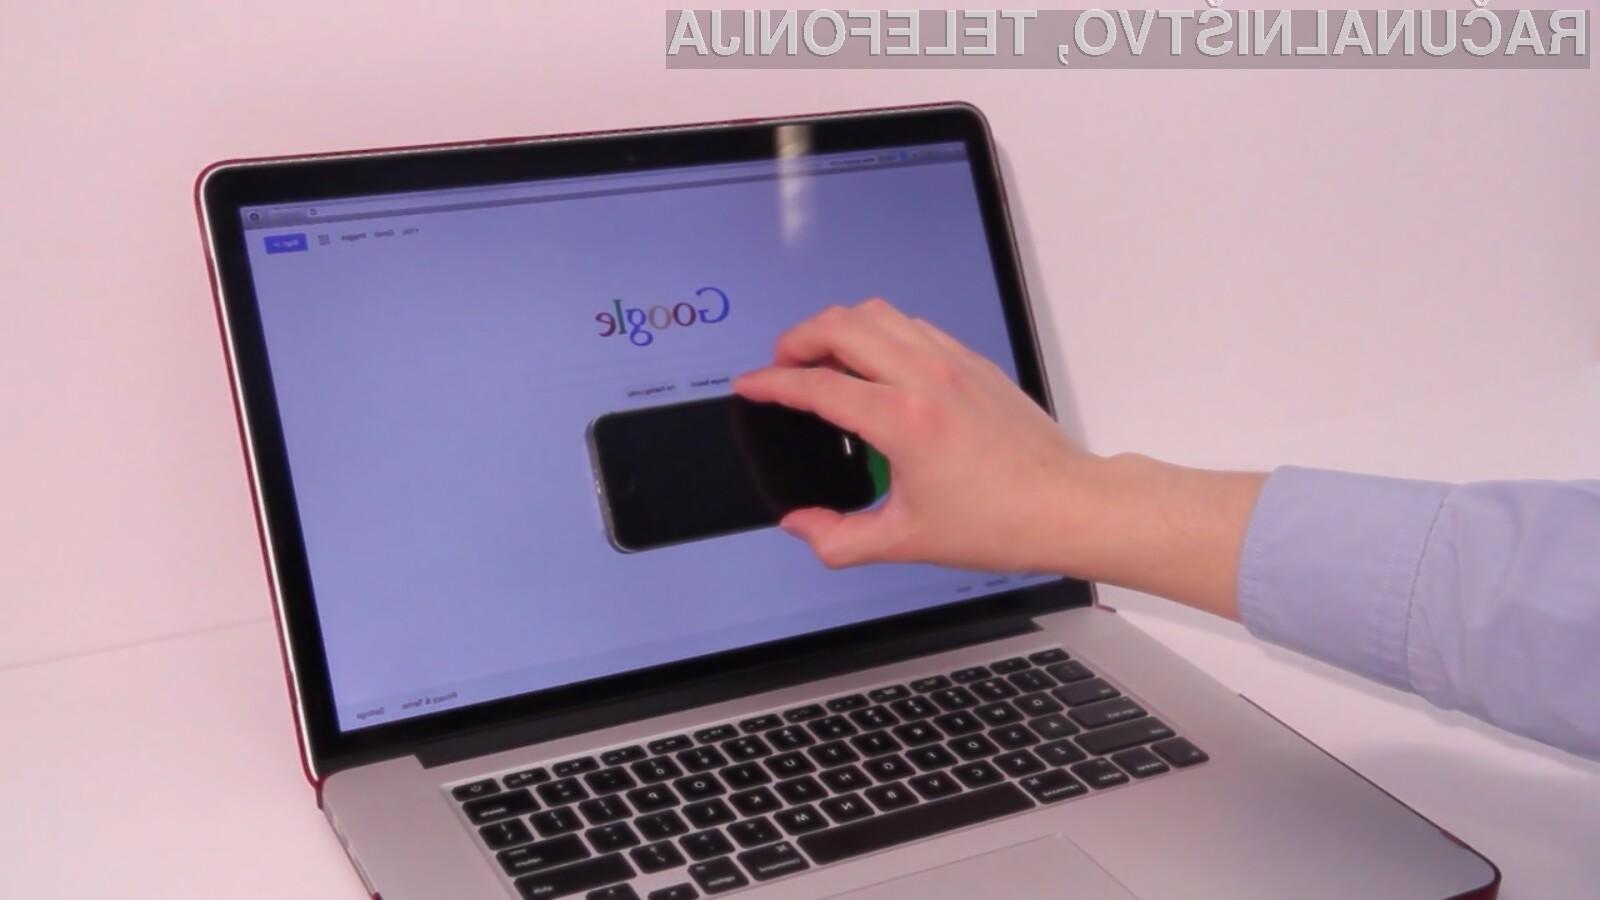 Sistem THAW bi uporabniki mobilnih naprav takoj vzljubili!